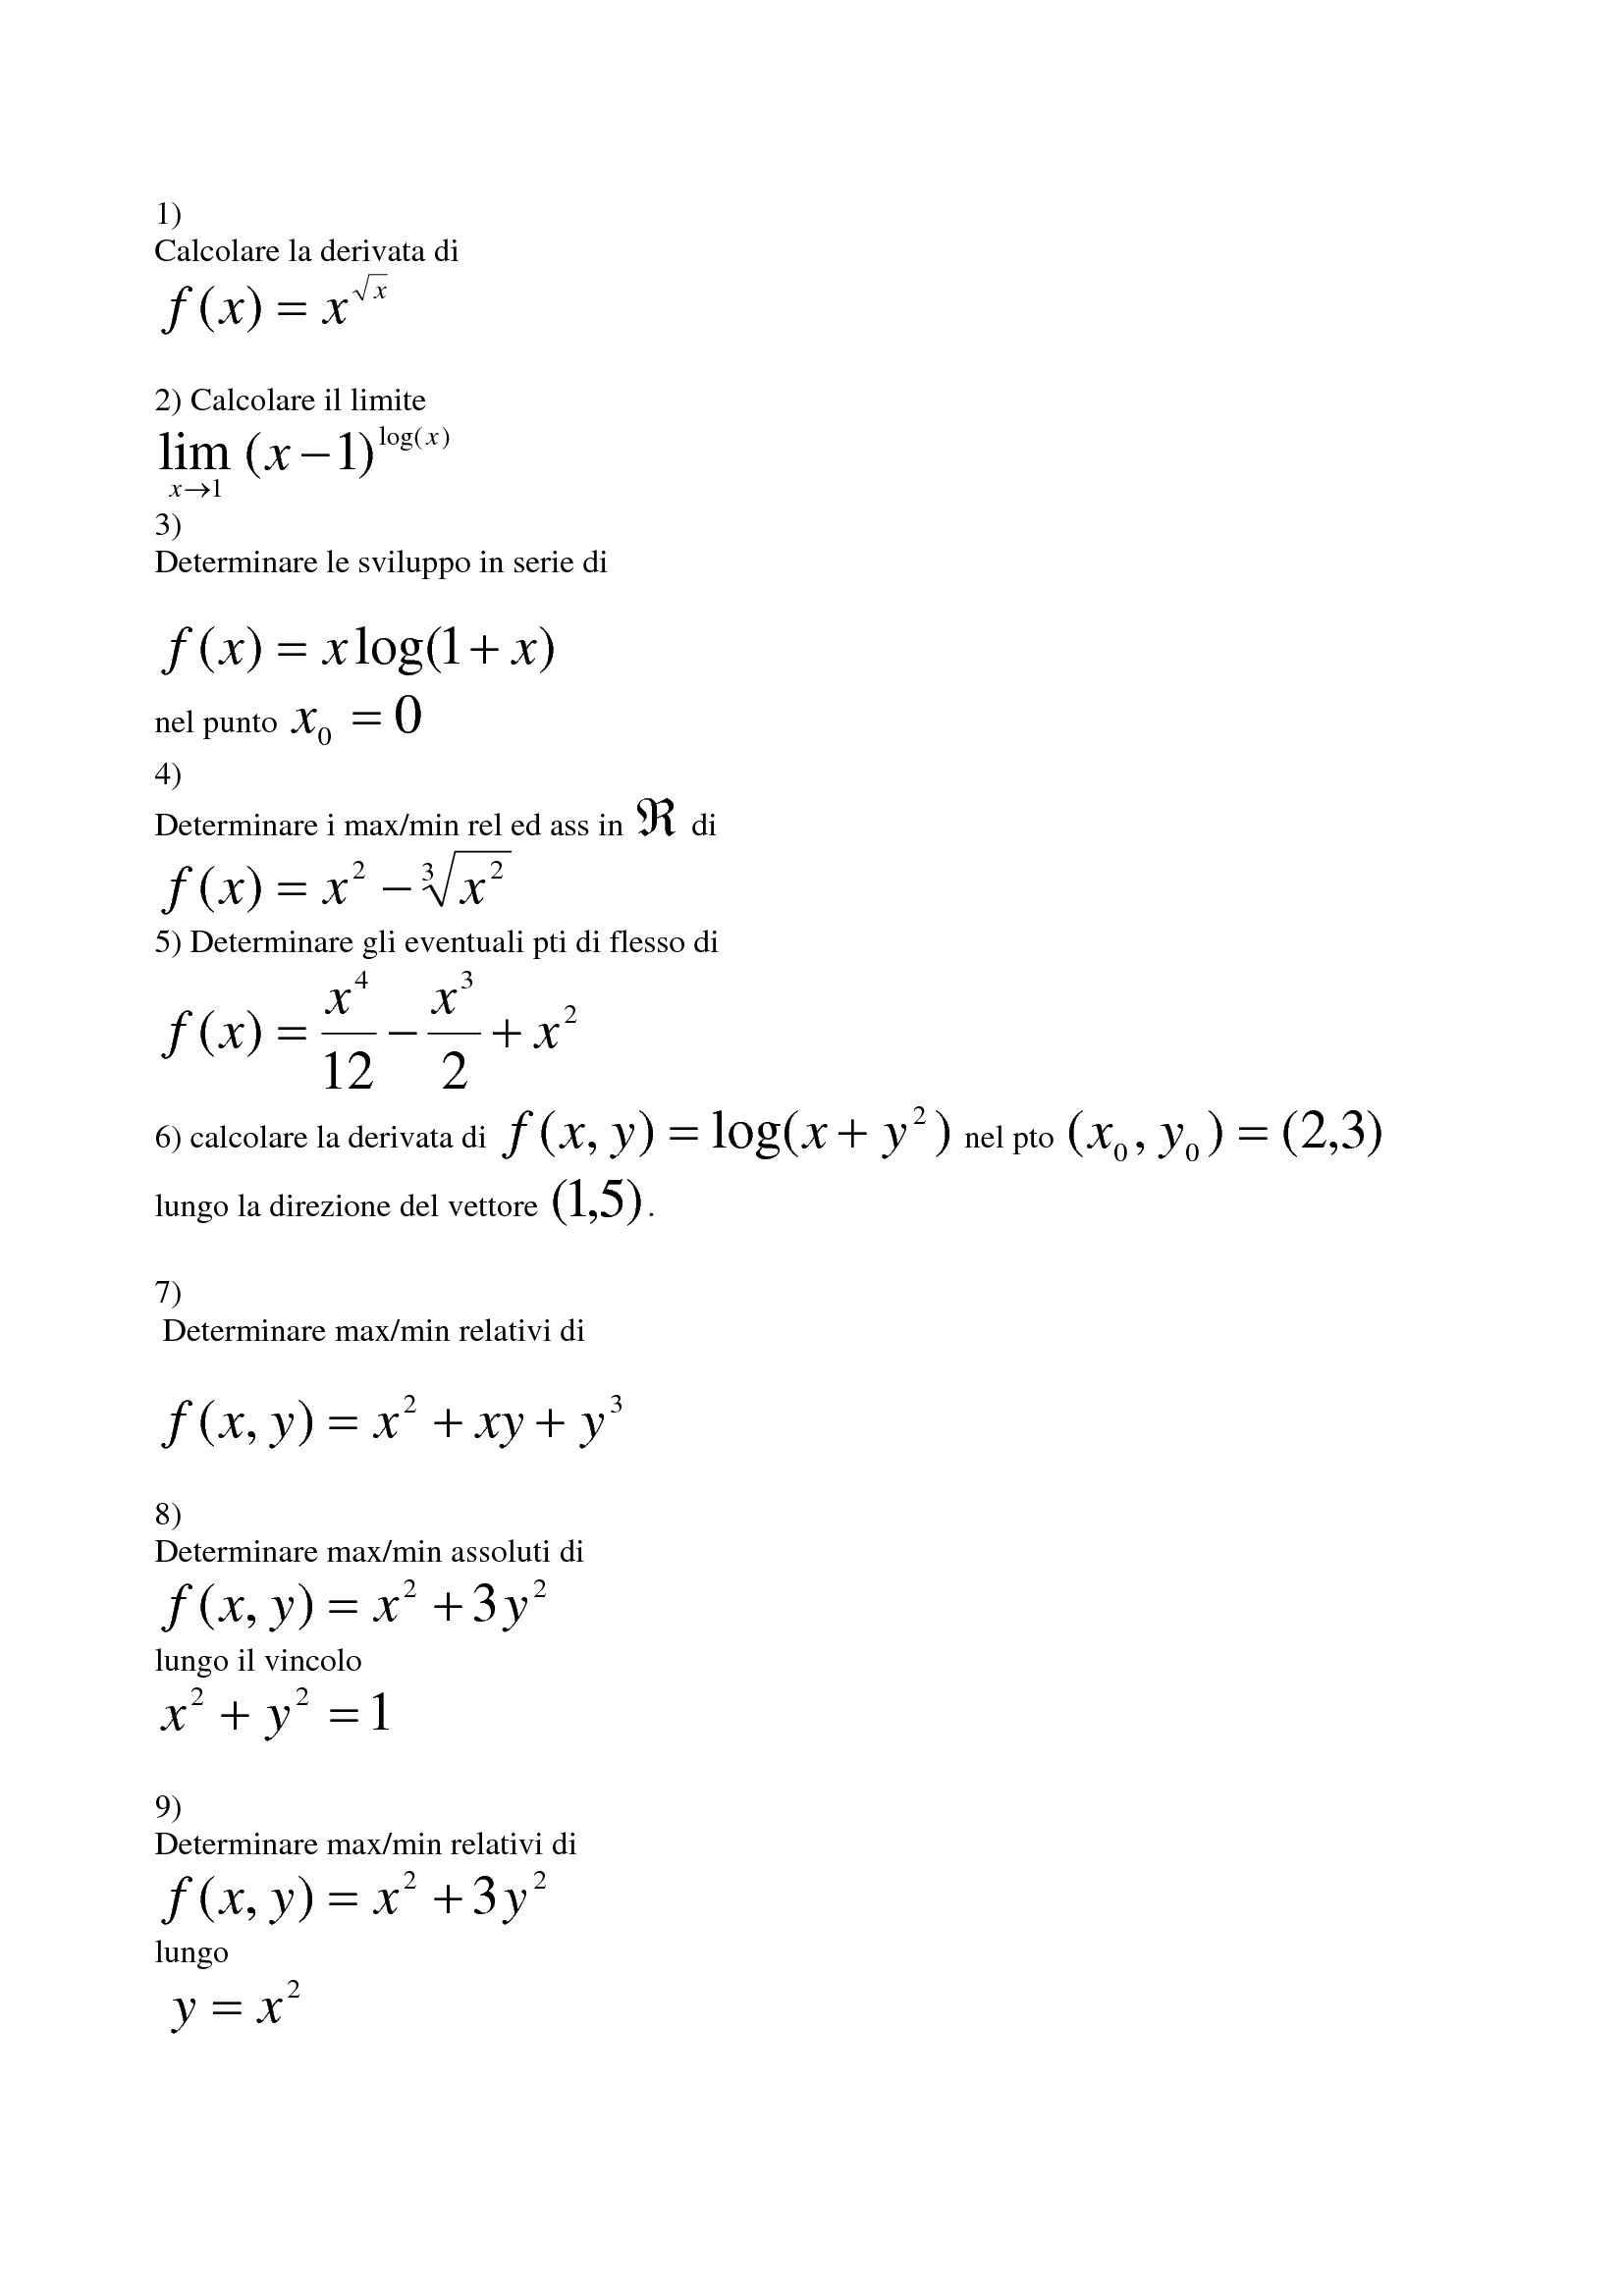 Matematica Generale - Derivate, integrali, funzione logaritmica